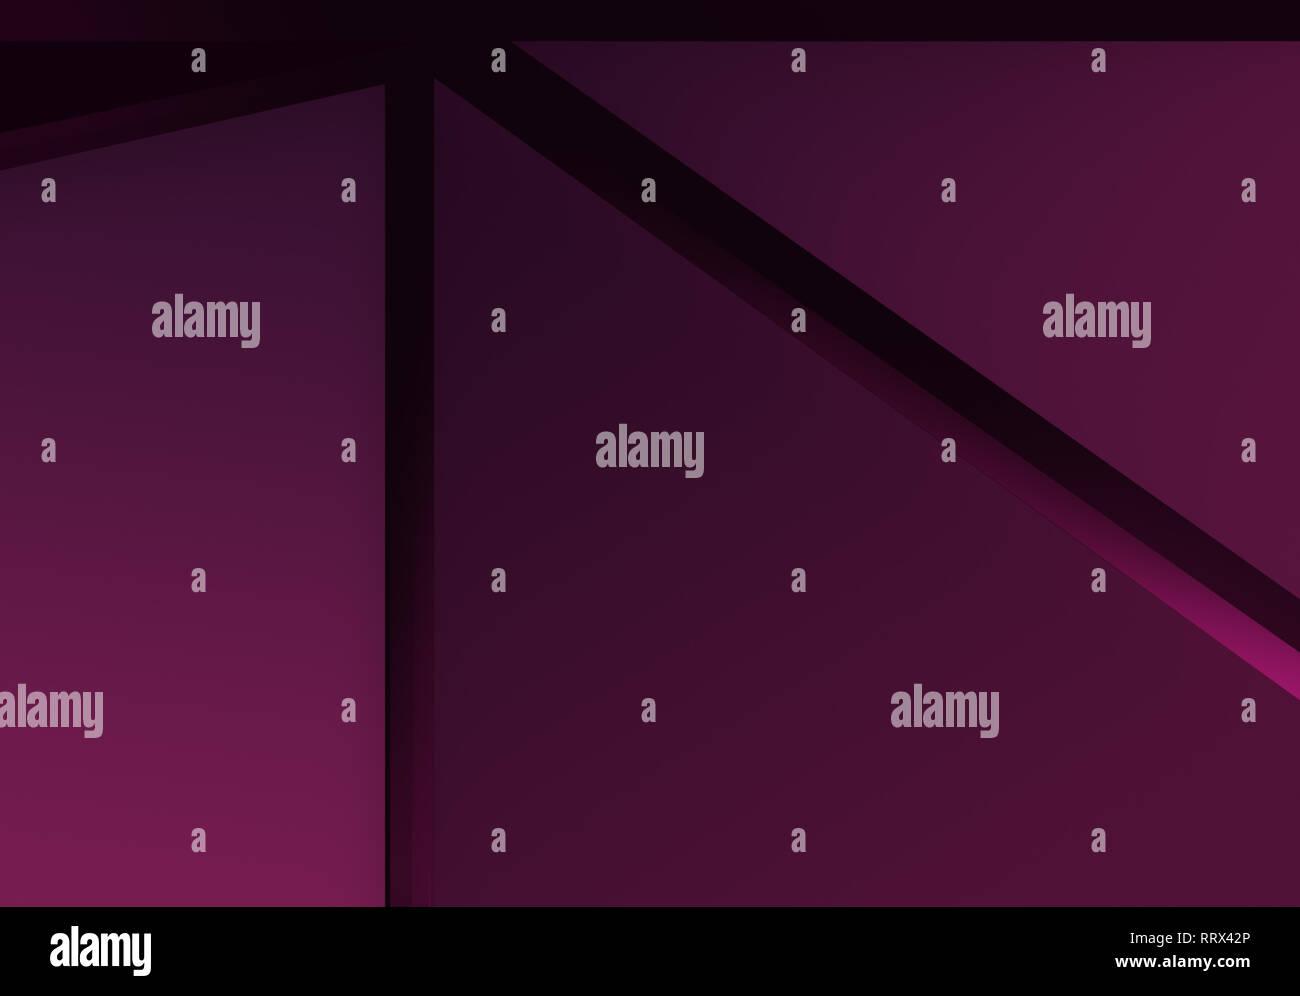 Resumen violeta y rosa antecedentes vectoriales poligonal. Ilustración vectorial geométrico, plantilla de diseño creativo. Imagen De Stock